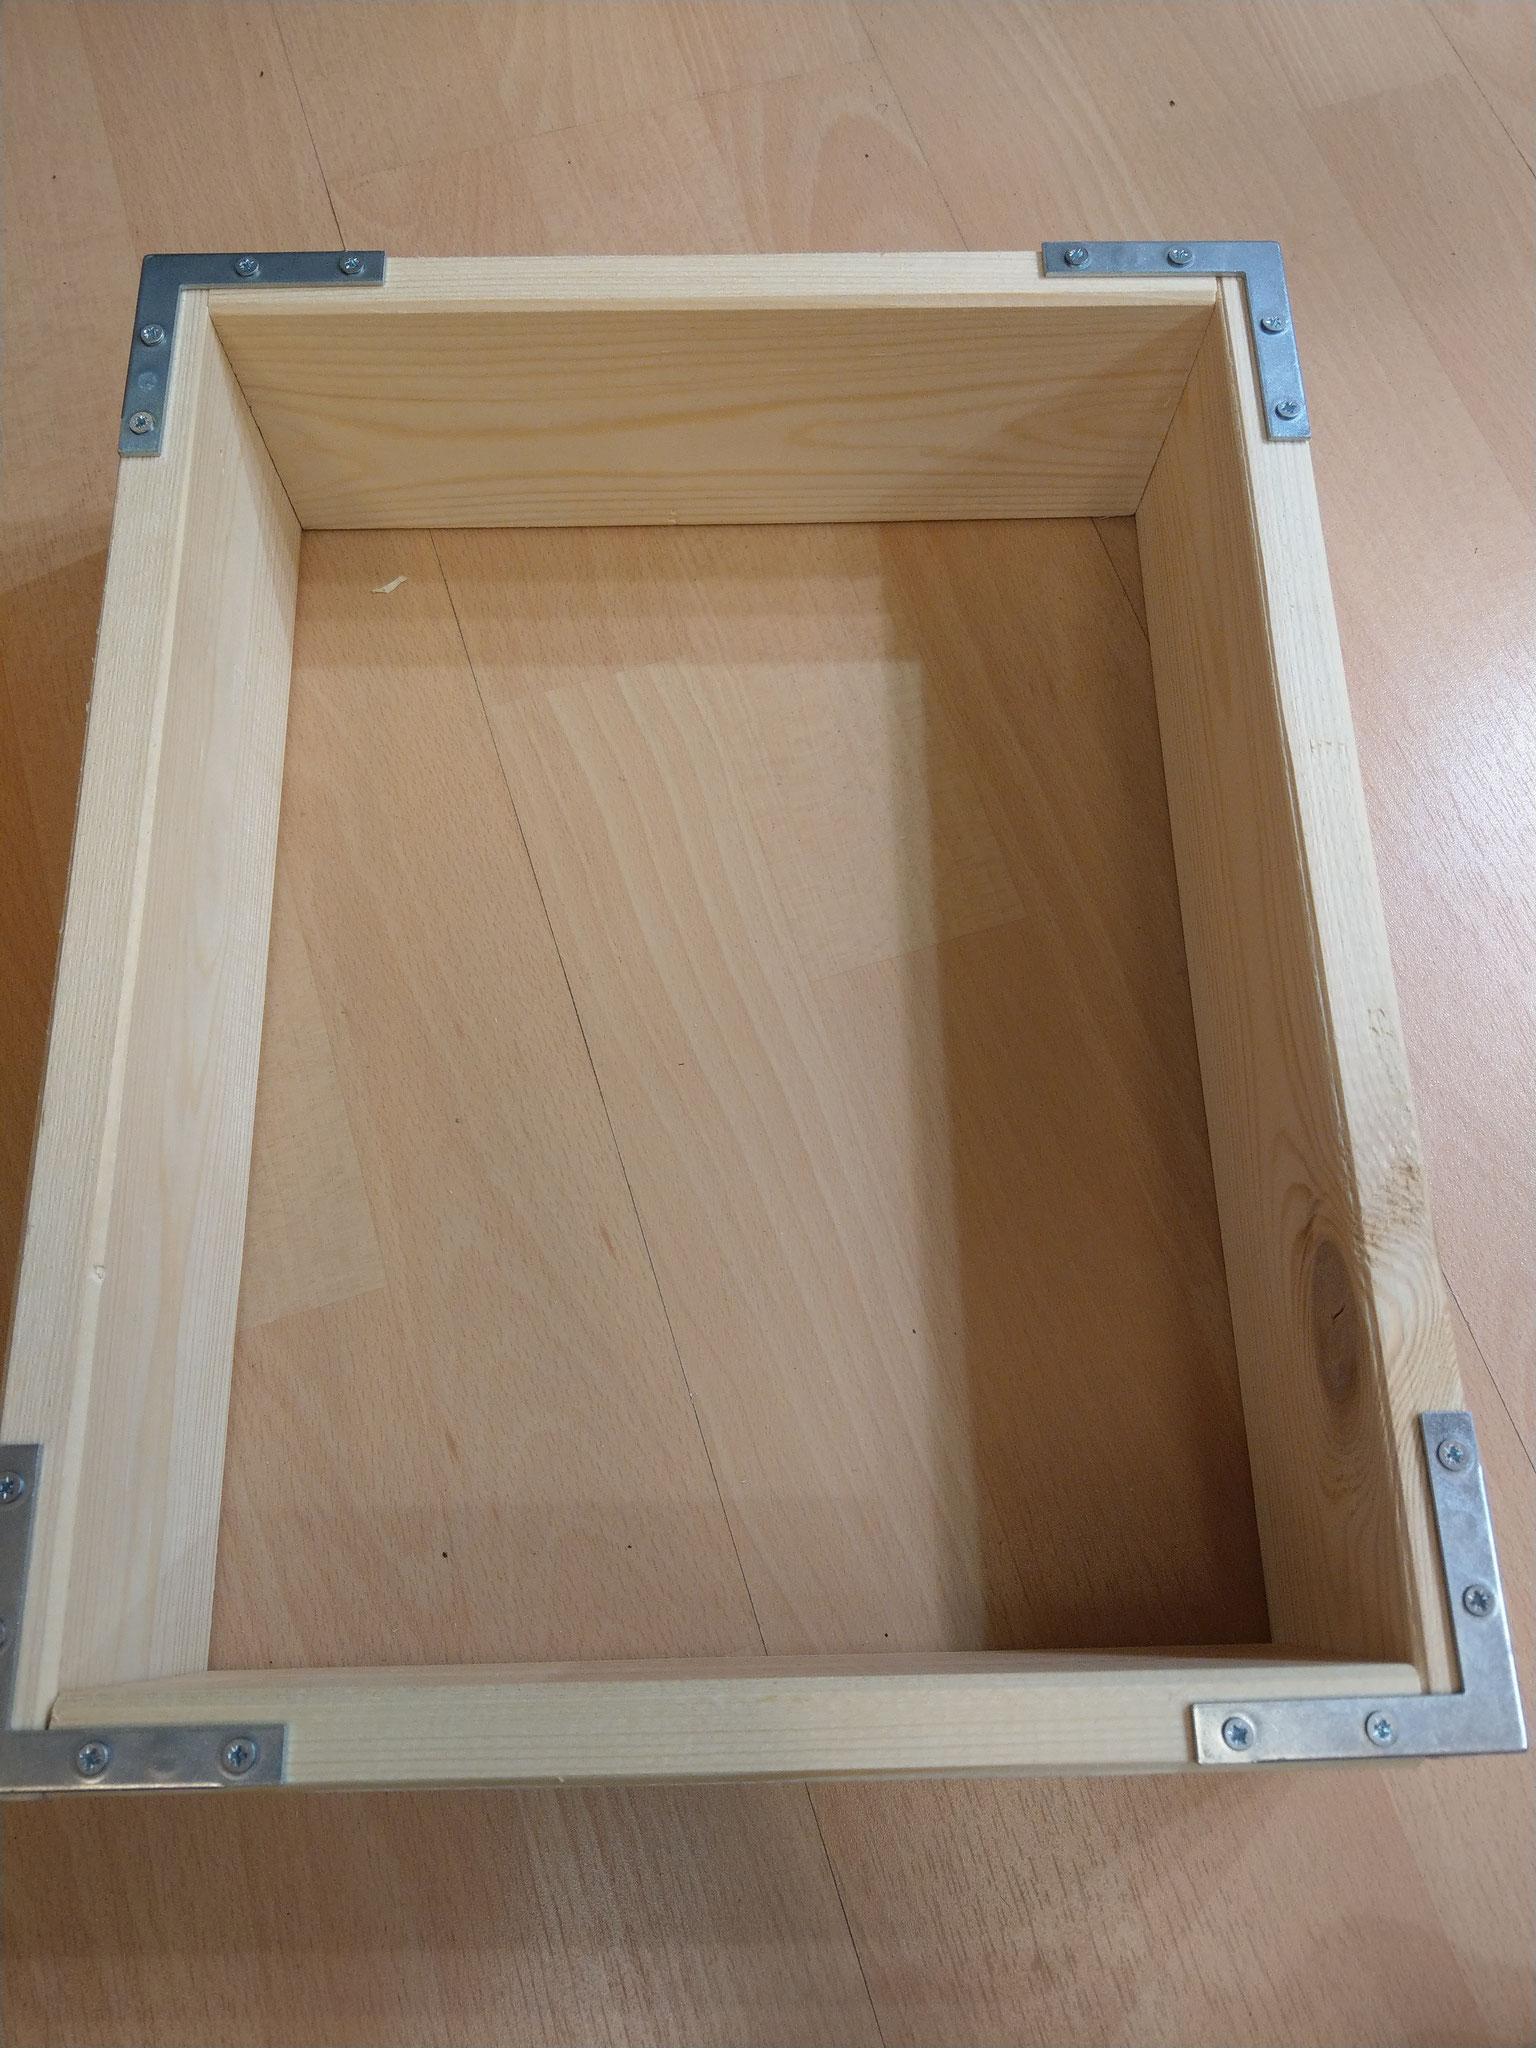 ... und auf einer Seite mittels Winkel fixiert. Danach können mittels weiteren Bretter mehrere Abteilungen ...